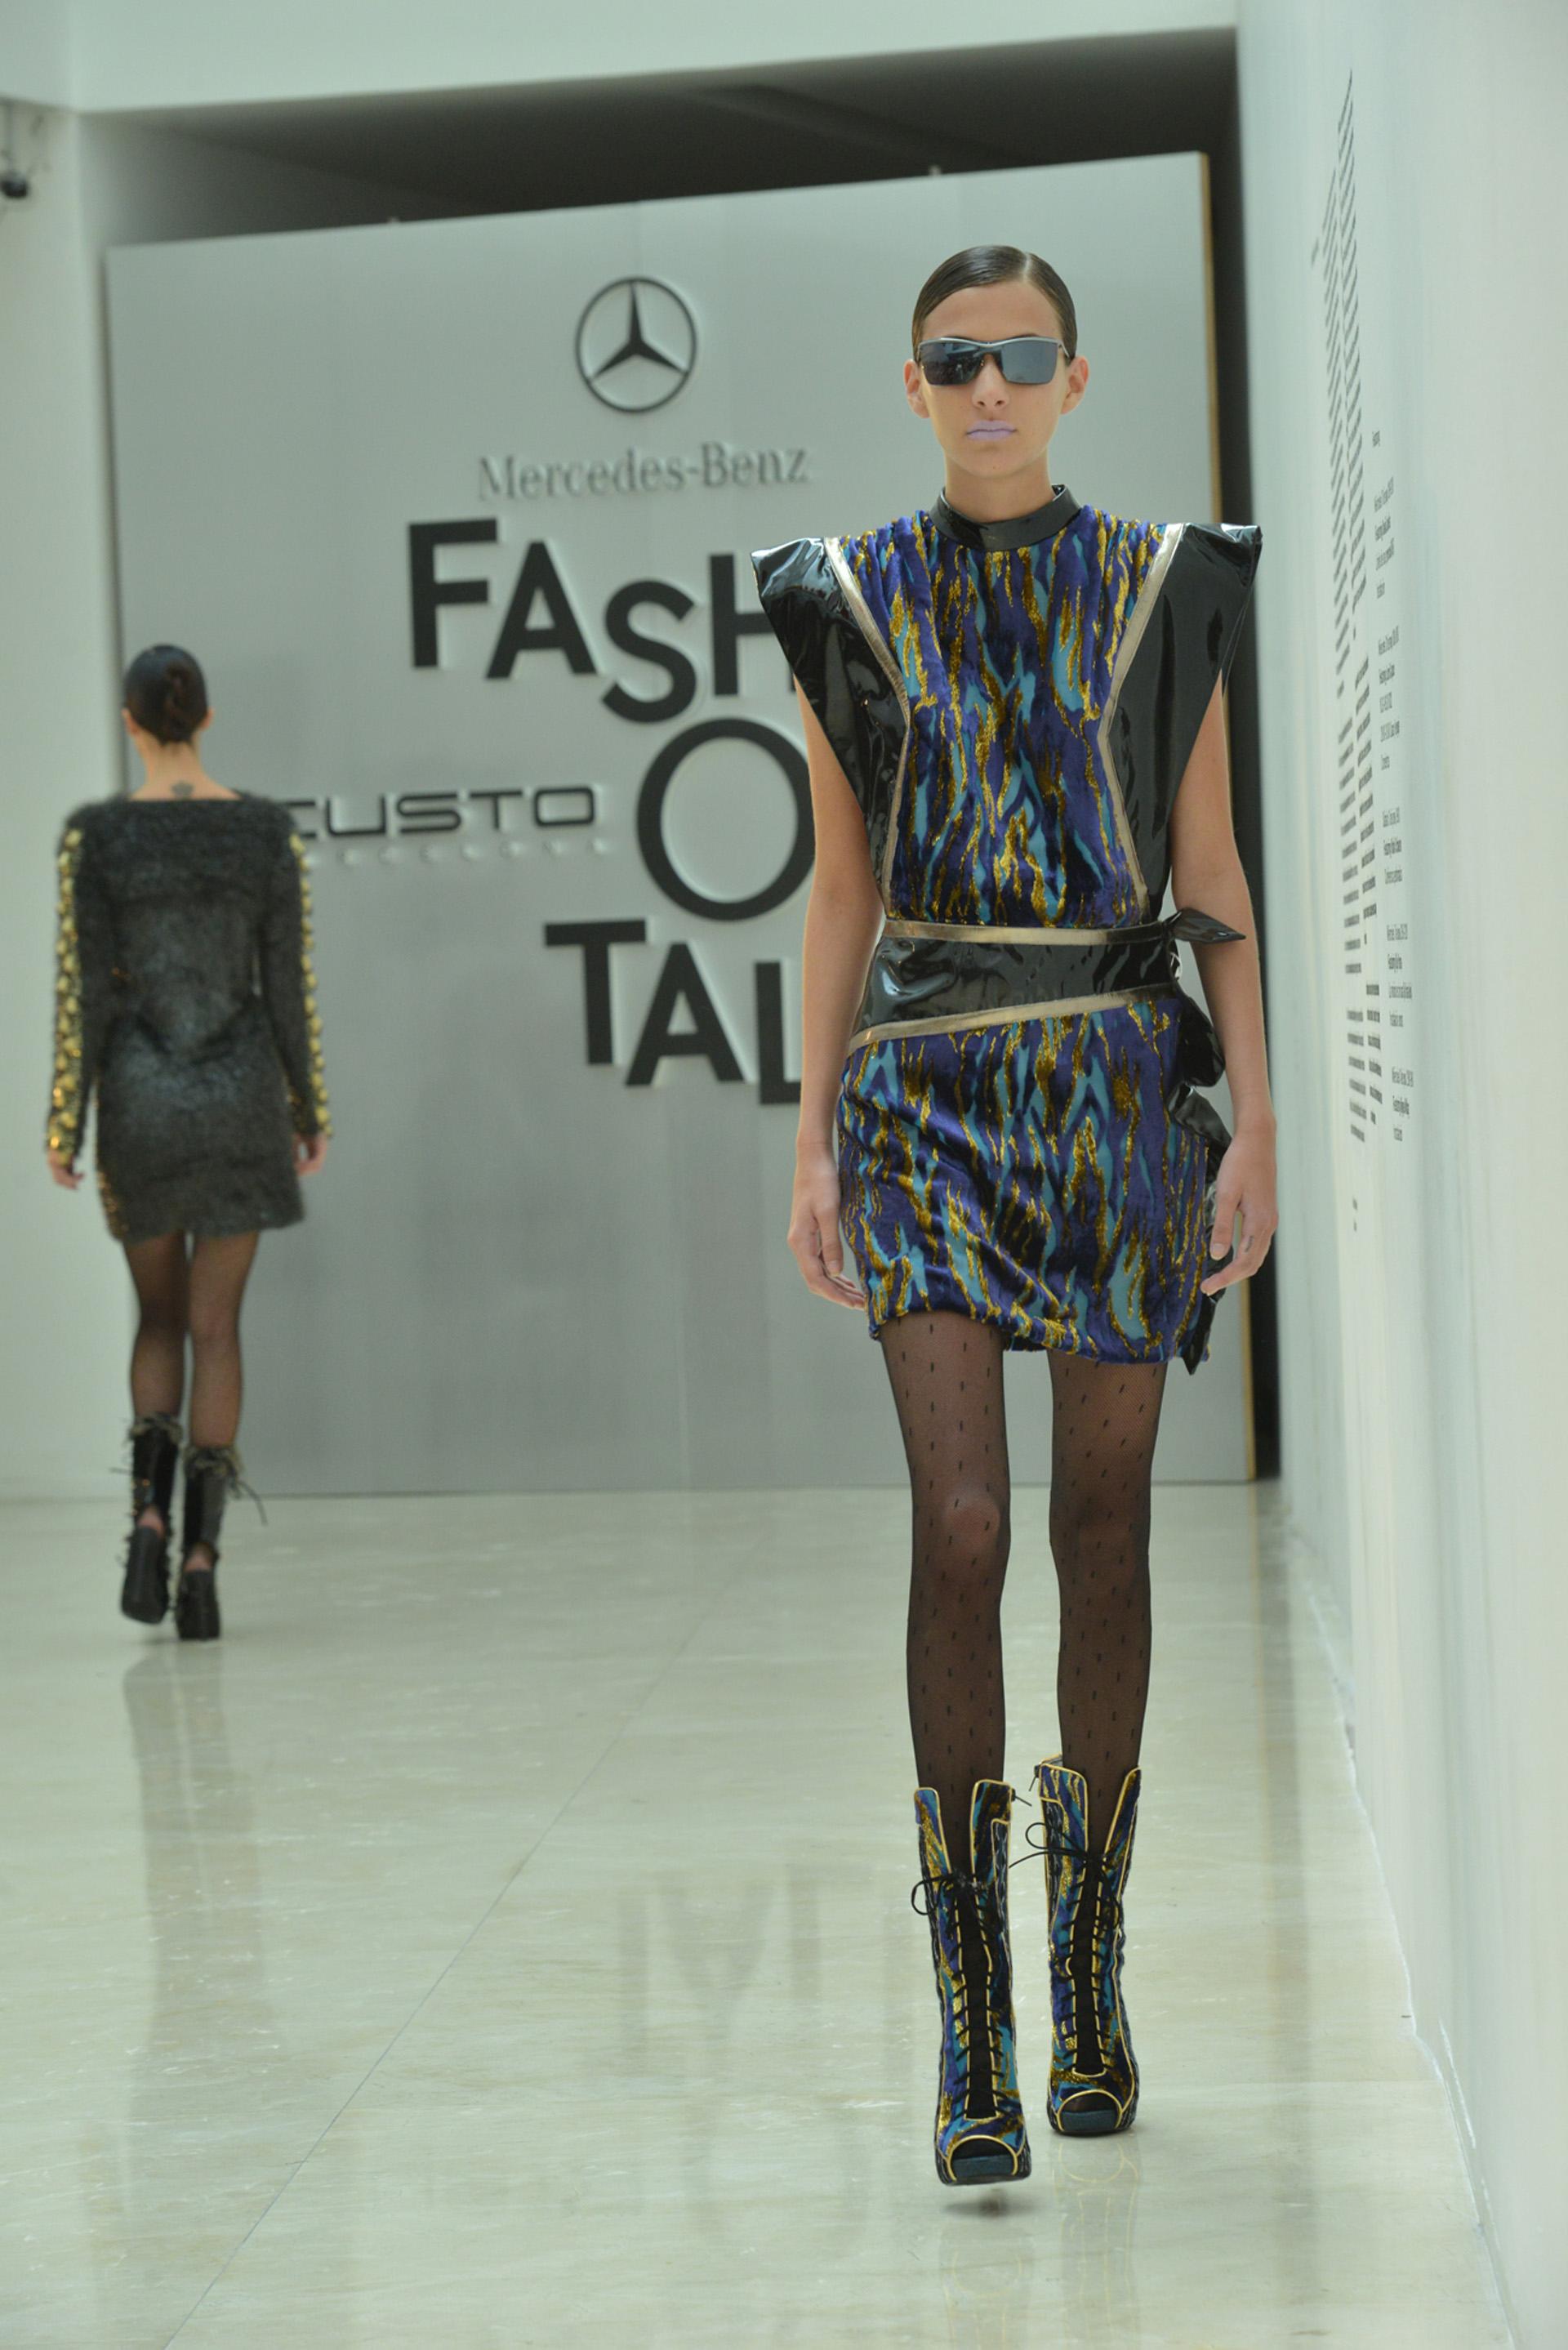 Custo Barcelona presentó por primera vez una colección en Argentina; se trata de la propuesta otoño-invierno 17/18 exhibida en los recientes Fashion Week de Nueva York y Madrid